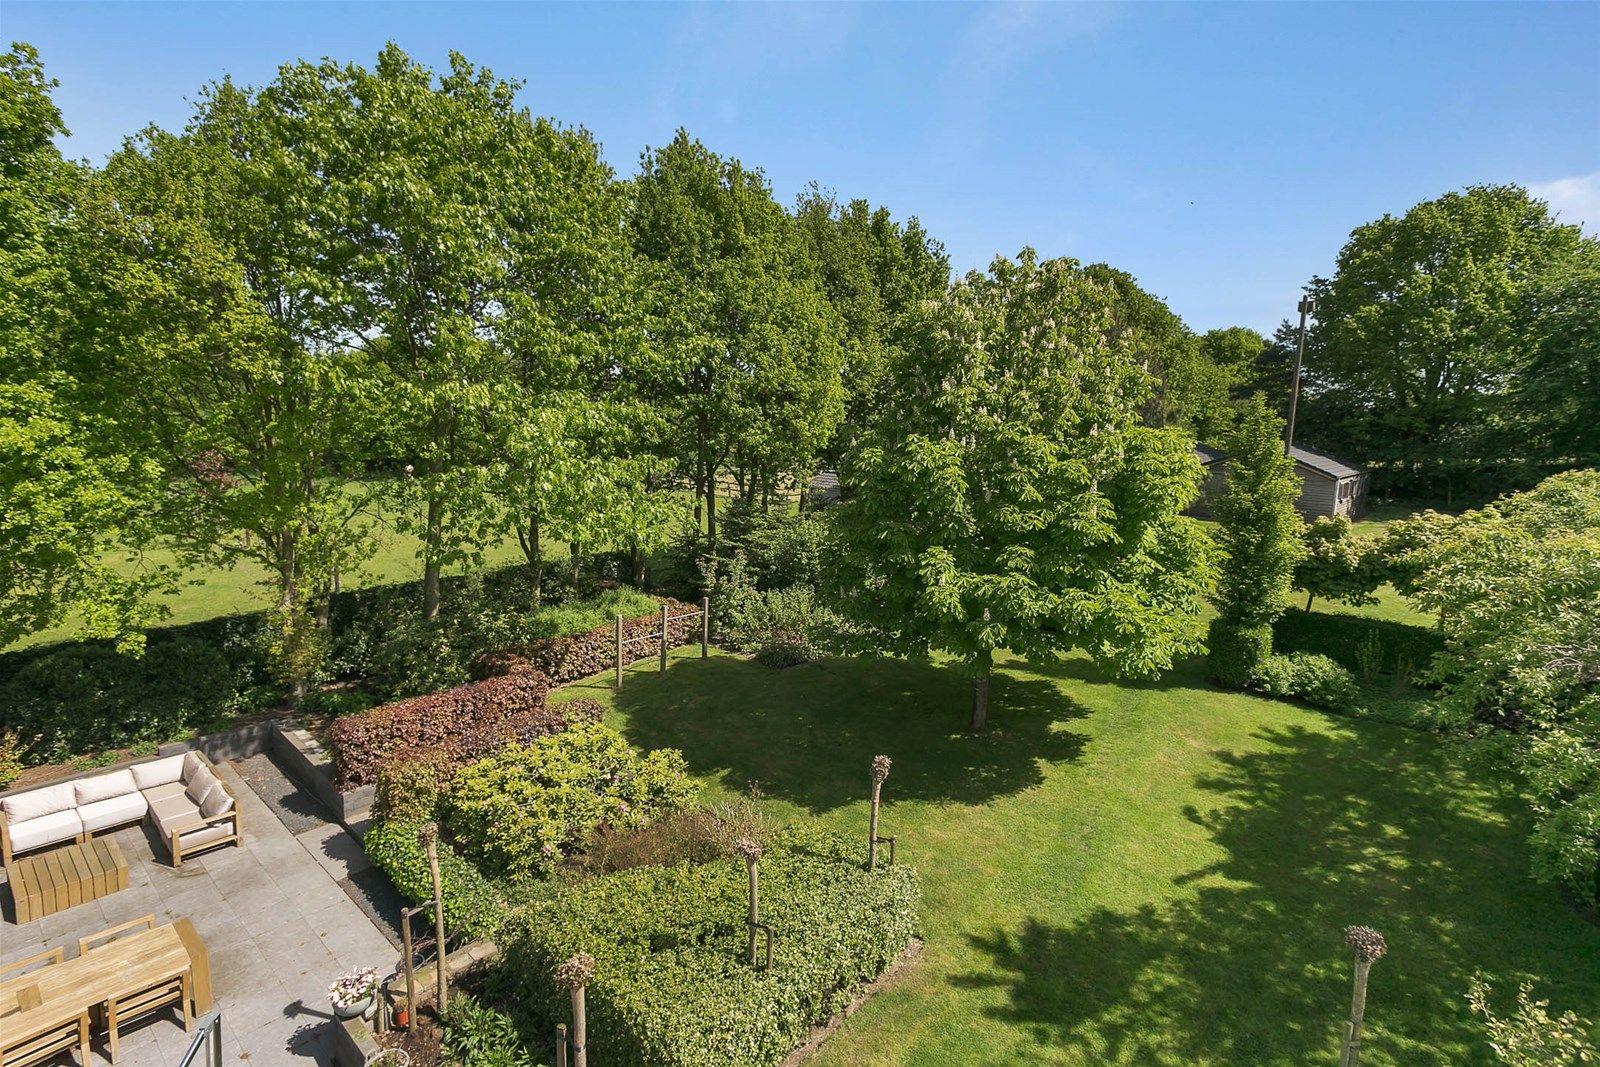 Dit prachtige rietgedekte landhuis met aanbouw, garage en paardenstallen is rustig gelegen op een heerlijke locatie aan de rand van de -Brabantse Wal- met schitterend uitzicht over de landerijen. In de directe nabijheid bevinden zich alle dorpsvoorzieningen en door de ligging van de N289 en de A4/A58 zijn steden als Antwerpen, Roosendaal, Rotterdam en Breda goed bereikbaar.    Het landhuis wordt gekenmerkt door de hoogwaardige kwaliteit van de gebruikte materialen, het comfort, de uitstraling, het luxe afwerkingsniveau van de diverse ruime leefvertrekken en de faciliteiten ten behoeve van het houden van paarden.   Het zeer ruime perceel van 12.600 m² is geheel omheind middels een hekwerk. De oprit wordt afgesloten middels een automatisch bedienbare poort. De royale tuin is fraai door het glooiende landschap en is verzorgd aangelegd en is o.a. voorzien is van een ruim overdekt zonneterras en gazon.   BEGANE GROND  Hal/entree met inbouw wandverlichting, vaste (garderobe)kast en videofoon ten behoeve van de poort.  Afwerking- Tegelvloer, stucwerk wanden en een stucwerk plafond met spots.   Meterkast- uitgebreide meterkast met krachtstroom.   Toiletruimte.  Afwerking- Tegelvloer, wandtegels en een stucwerk plafond met spots.   Ruime en sfeervolle woonkamer met vaste kast en voorzetkachel. Deze ruimte staat in open verbinding met de keuken en eetkamer.  Afwerking- Tegelvloer, stucwerk wanden en een stucwerk plafond met spots.   De eetkamer (gesitueerd in de aanbouw) aan de achterzijde van de woning beschikt over een schitterende lichtinval vanwege de grote raampartijen. De ruimte is voorzien van een vaste dressoirkast en met het openzetten van de tweetal tuindeuren haalt u het buitenleven binnen.  Afwerking- Tegelvloer, stucwerk wanden en een stucwerk plafond met spots.   Moderne luxe open keuken met eiland en kastenwand met daarin de koelkast, combimagnetron en een geintegreerd koffiezetapparaat. De keuken is verder uitgerust met een granieten aanrechtblad, spoelbak, in